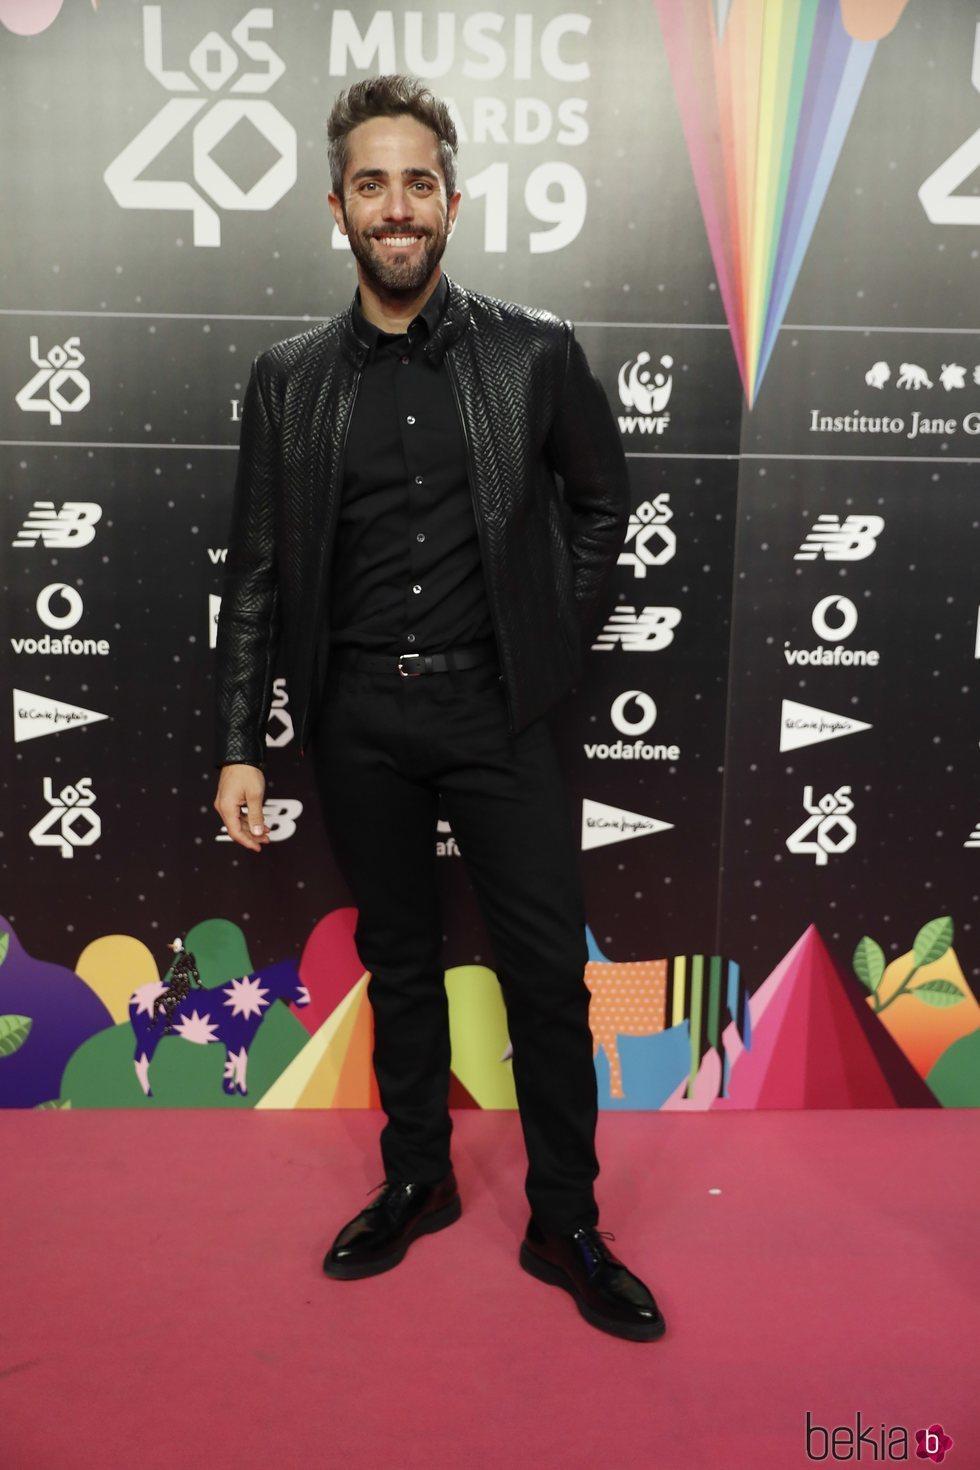 Roberto Leal en la cena de los nominados de Los 40 Music Awards 2019